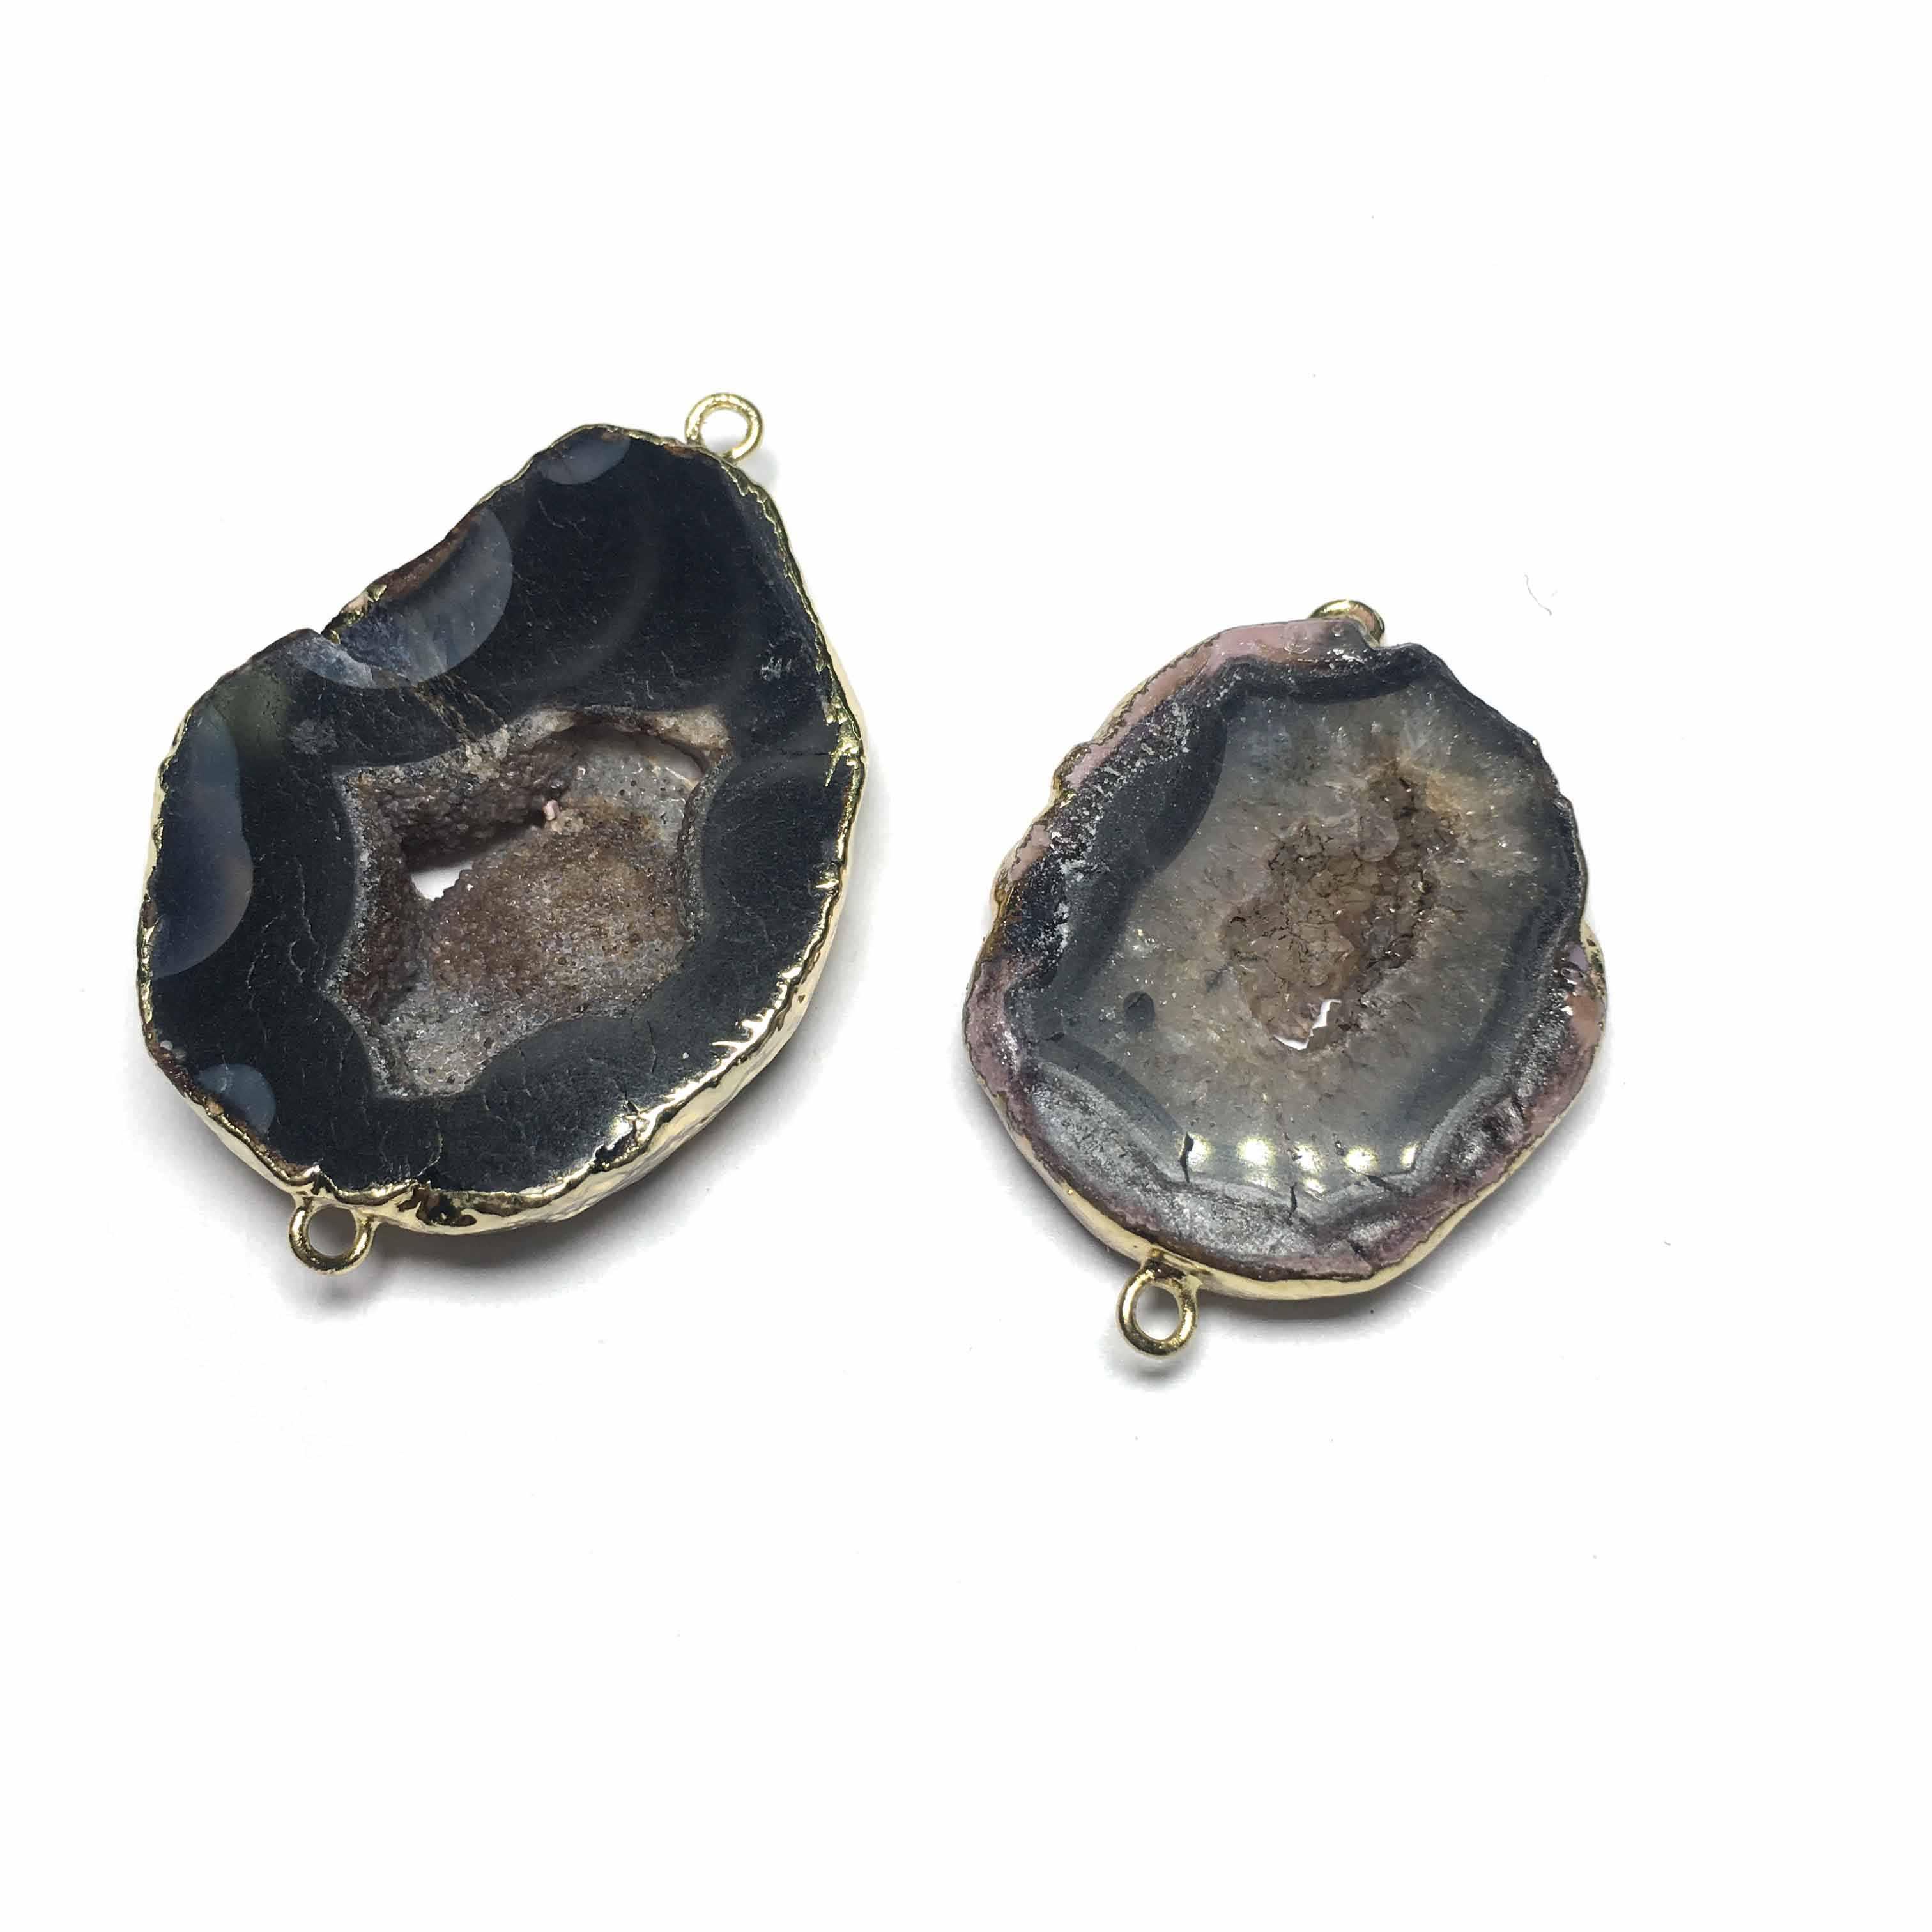 Nouveau connecteur de pendentif breloques en pierre naturelle pour la fabrication de bijoux pour hommes